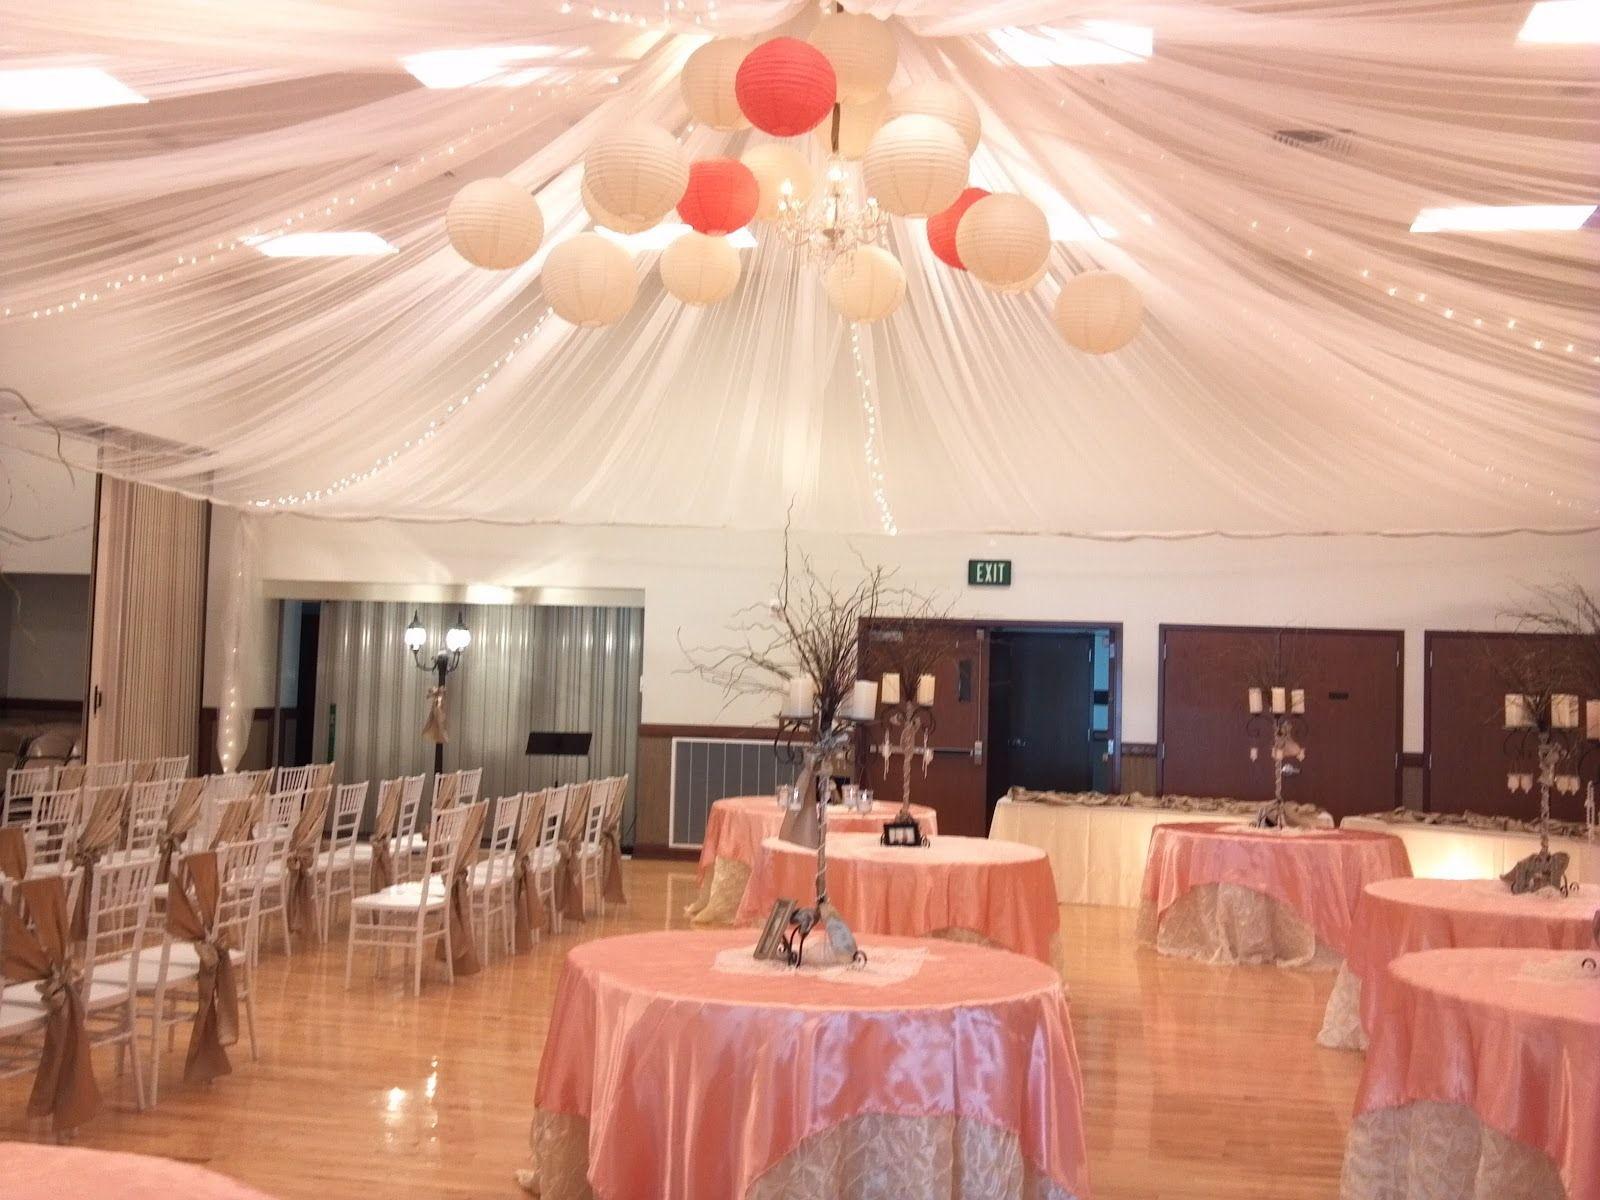 لیست قیمت تالارهای عروسی در قزوین | لیست قیمت رزرو تالار های قزوین | لیست باغ تالارهای عروسی در قزوین